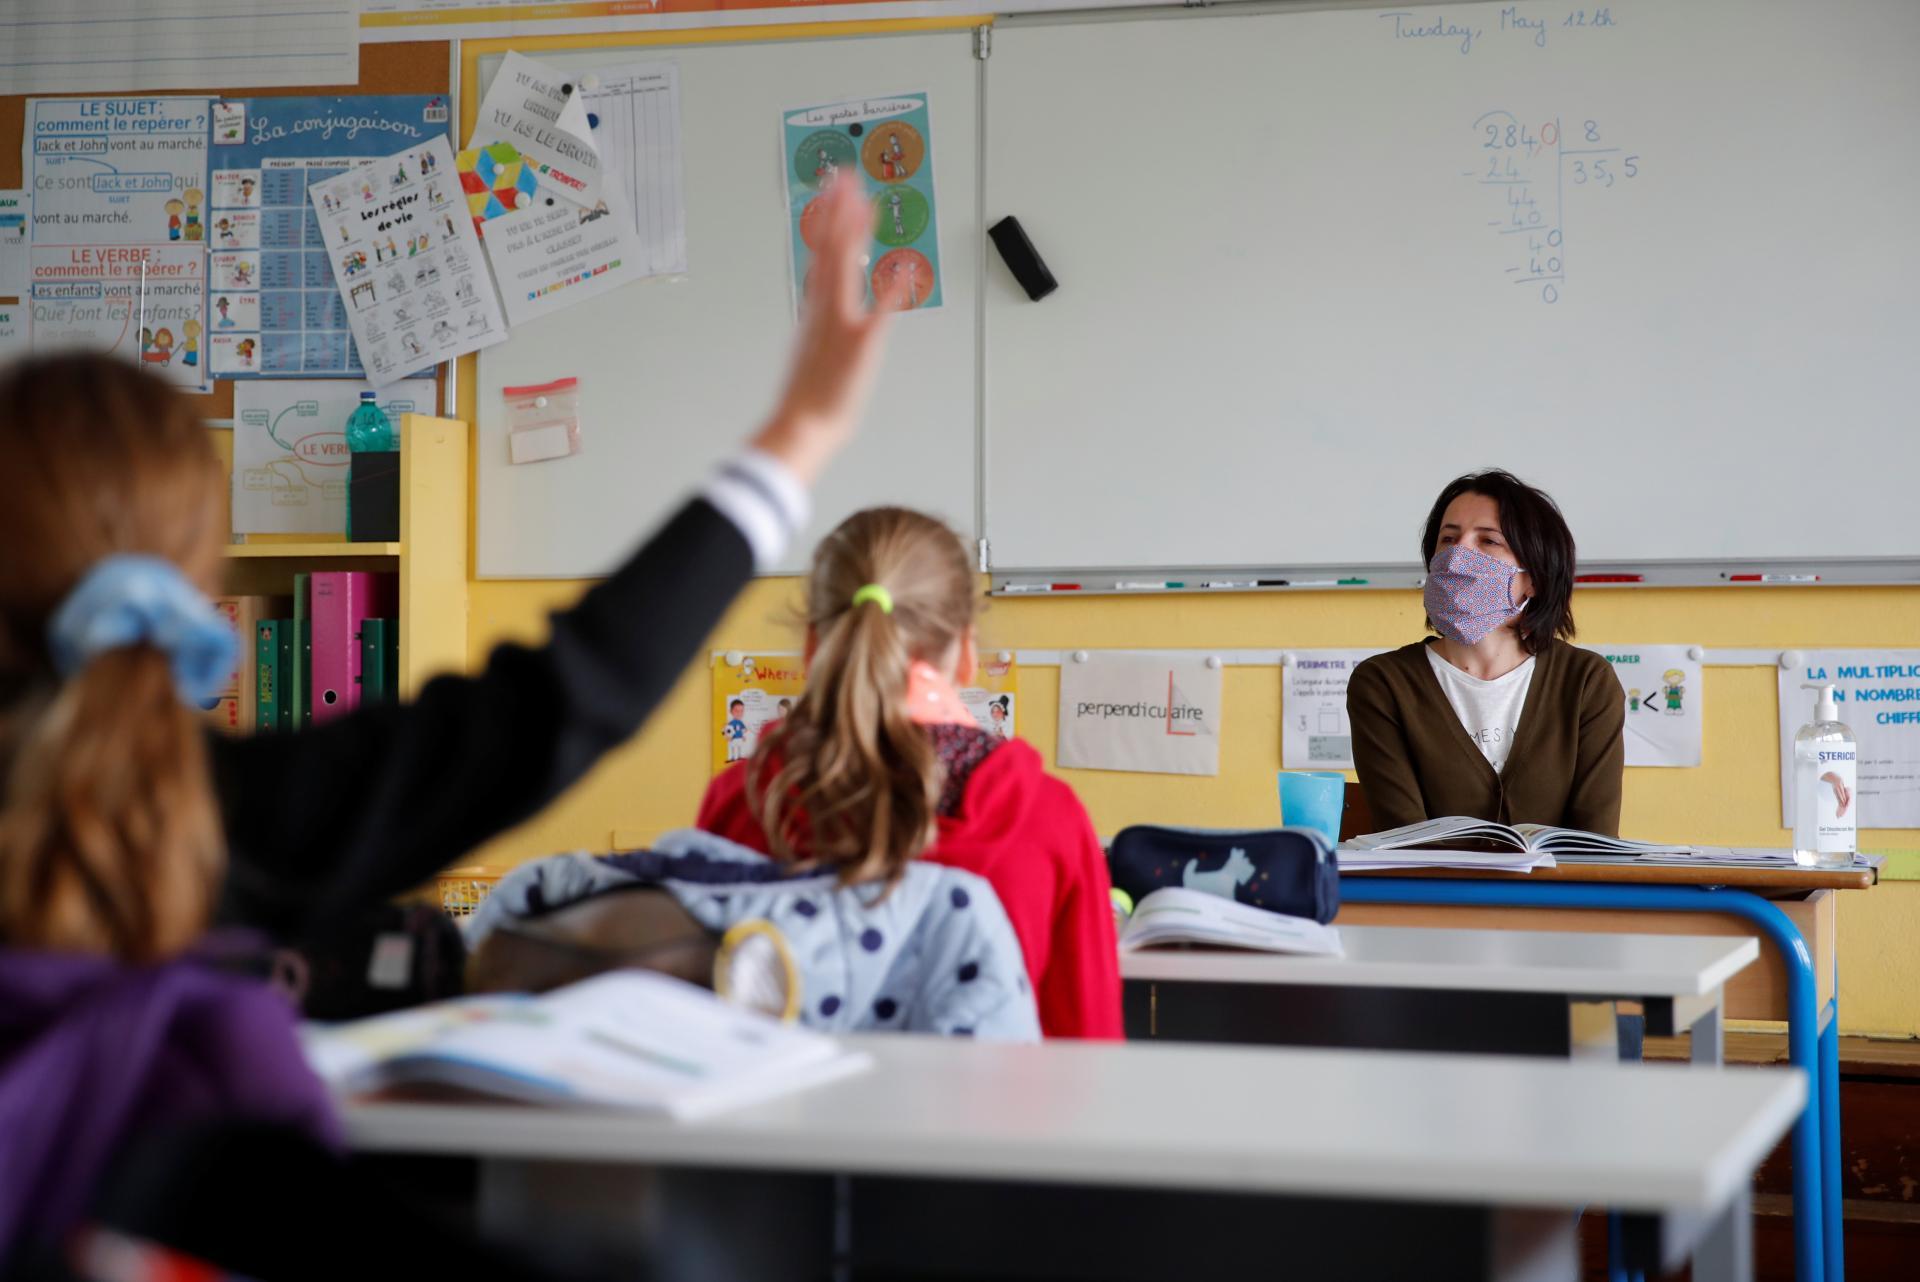 В Україні розробляють правила перебування в школі з 1 вересня